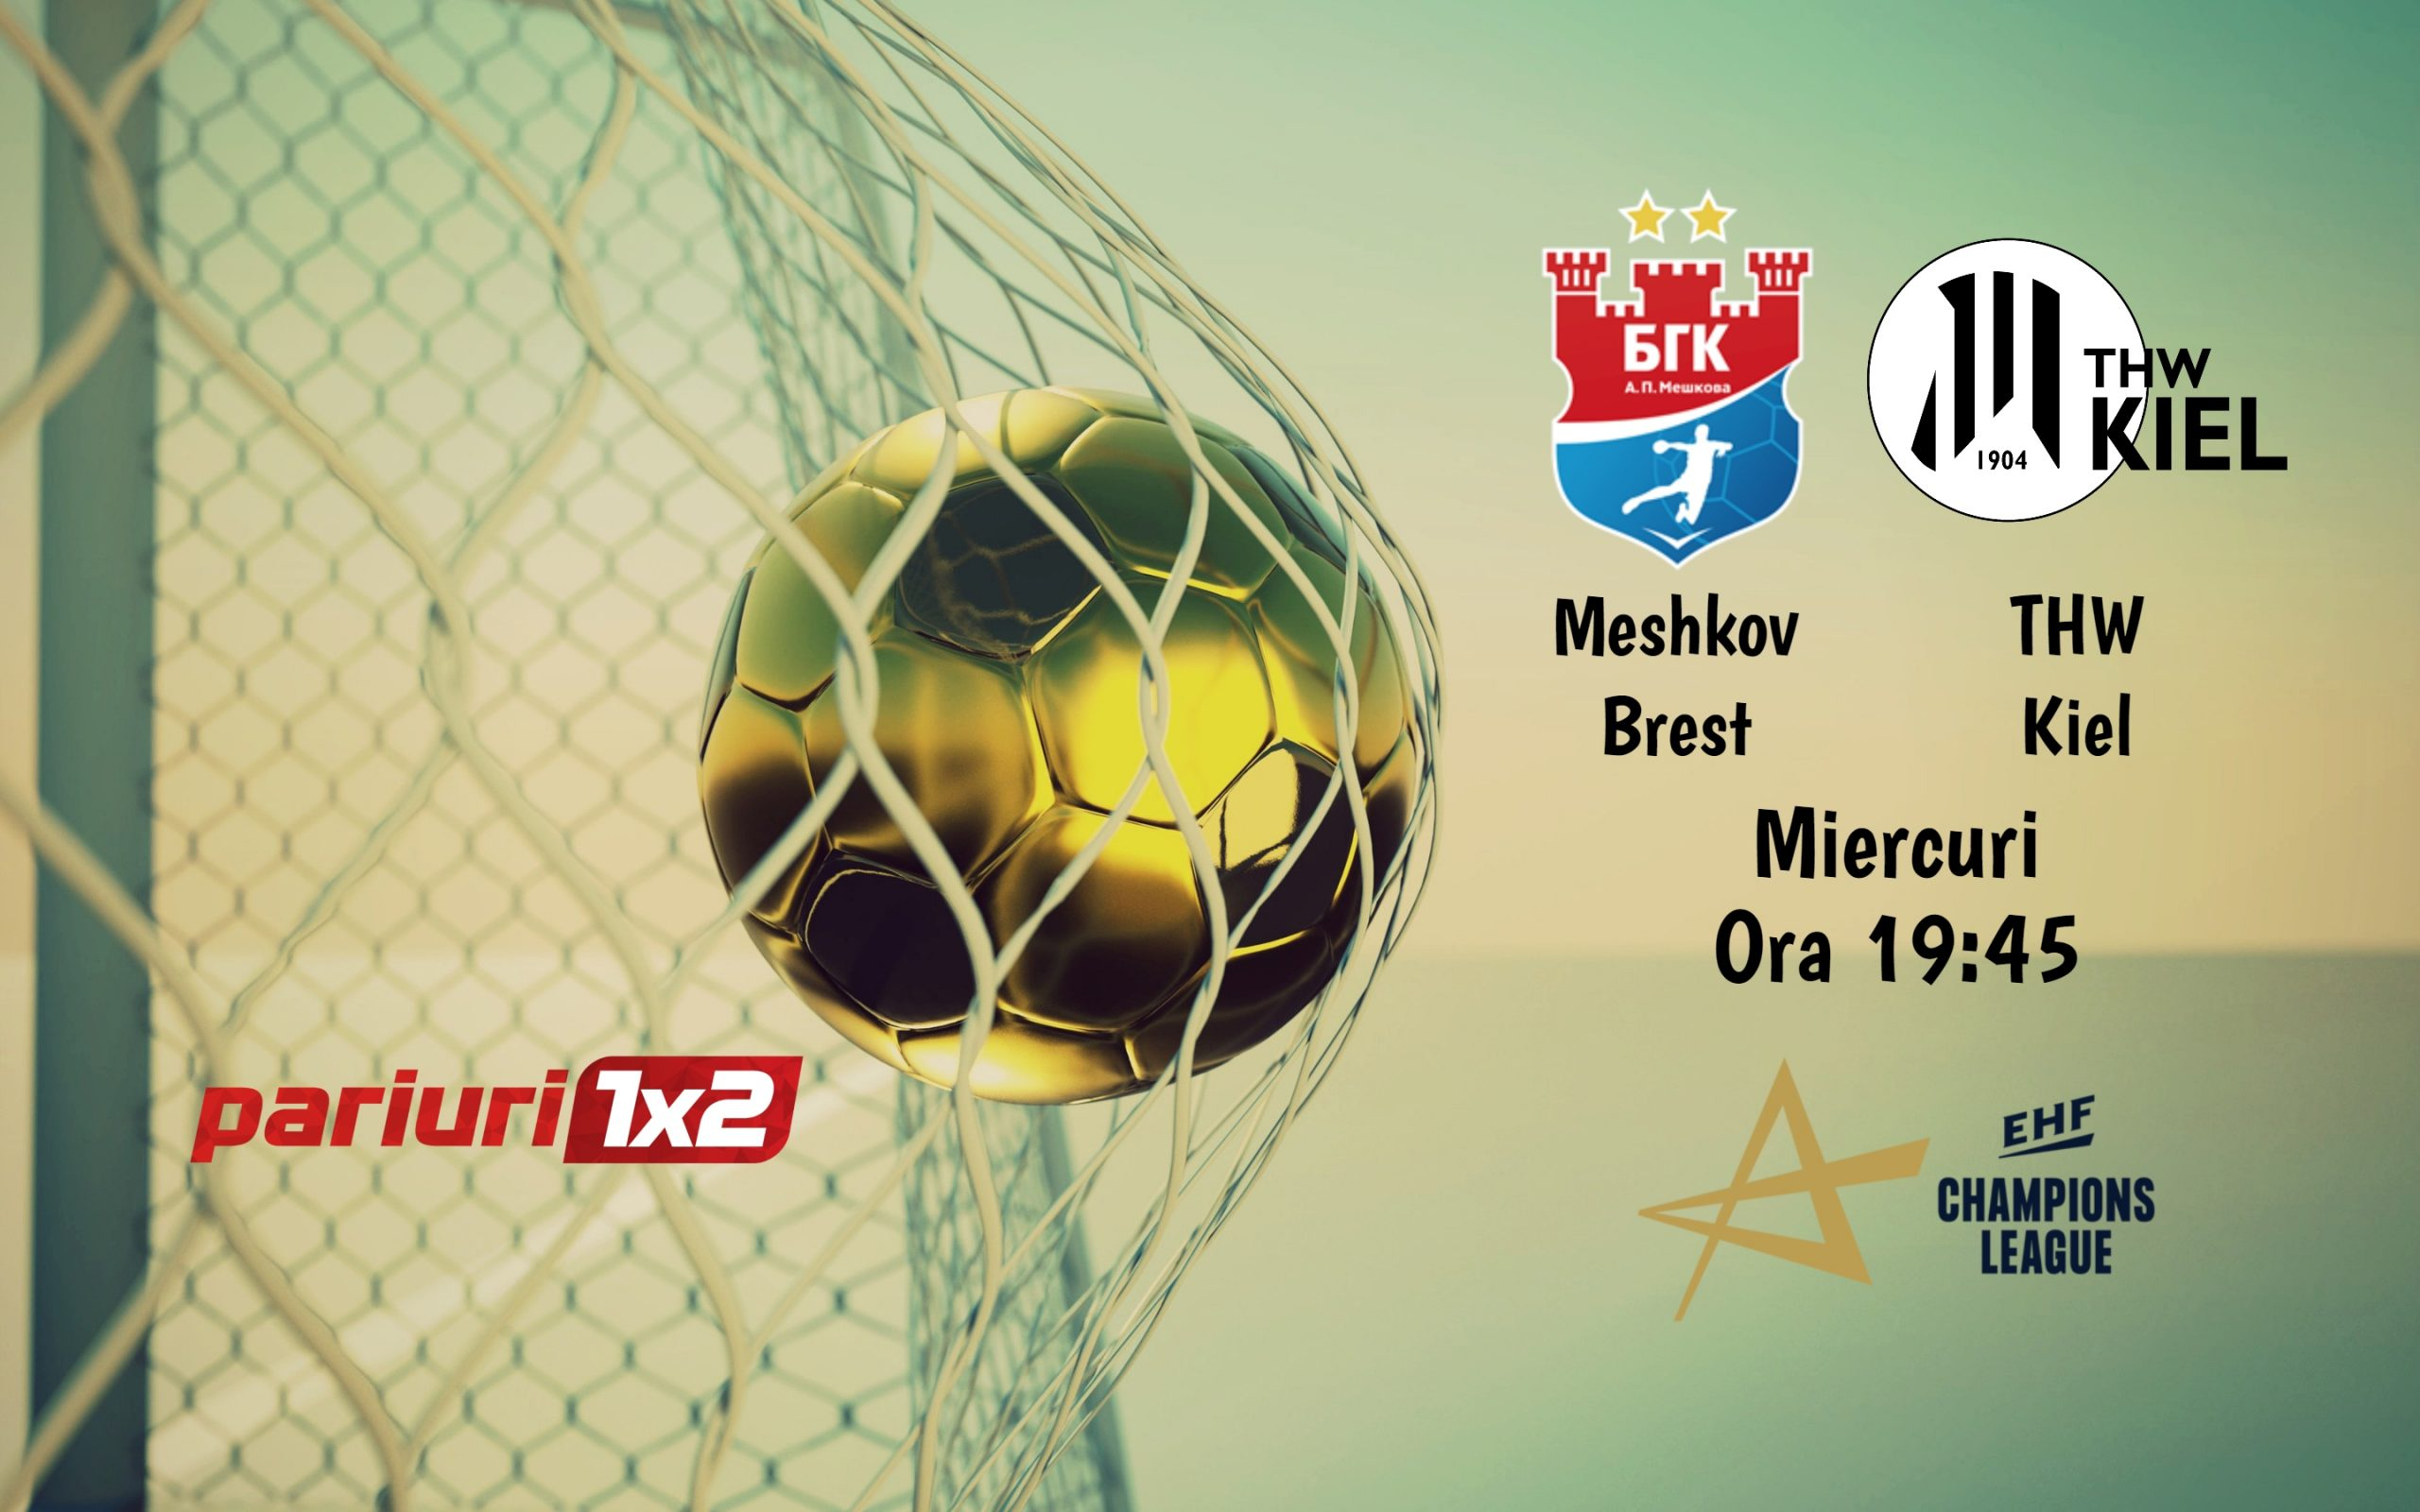 Meshkov Brest - THW Kiel